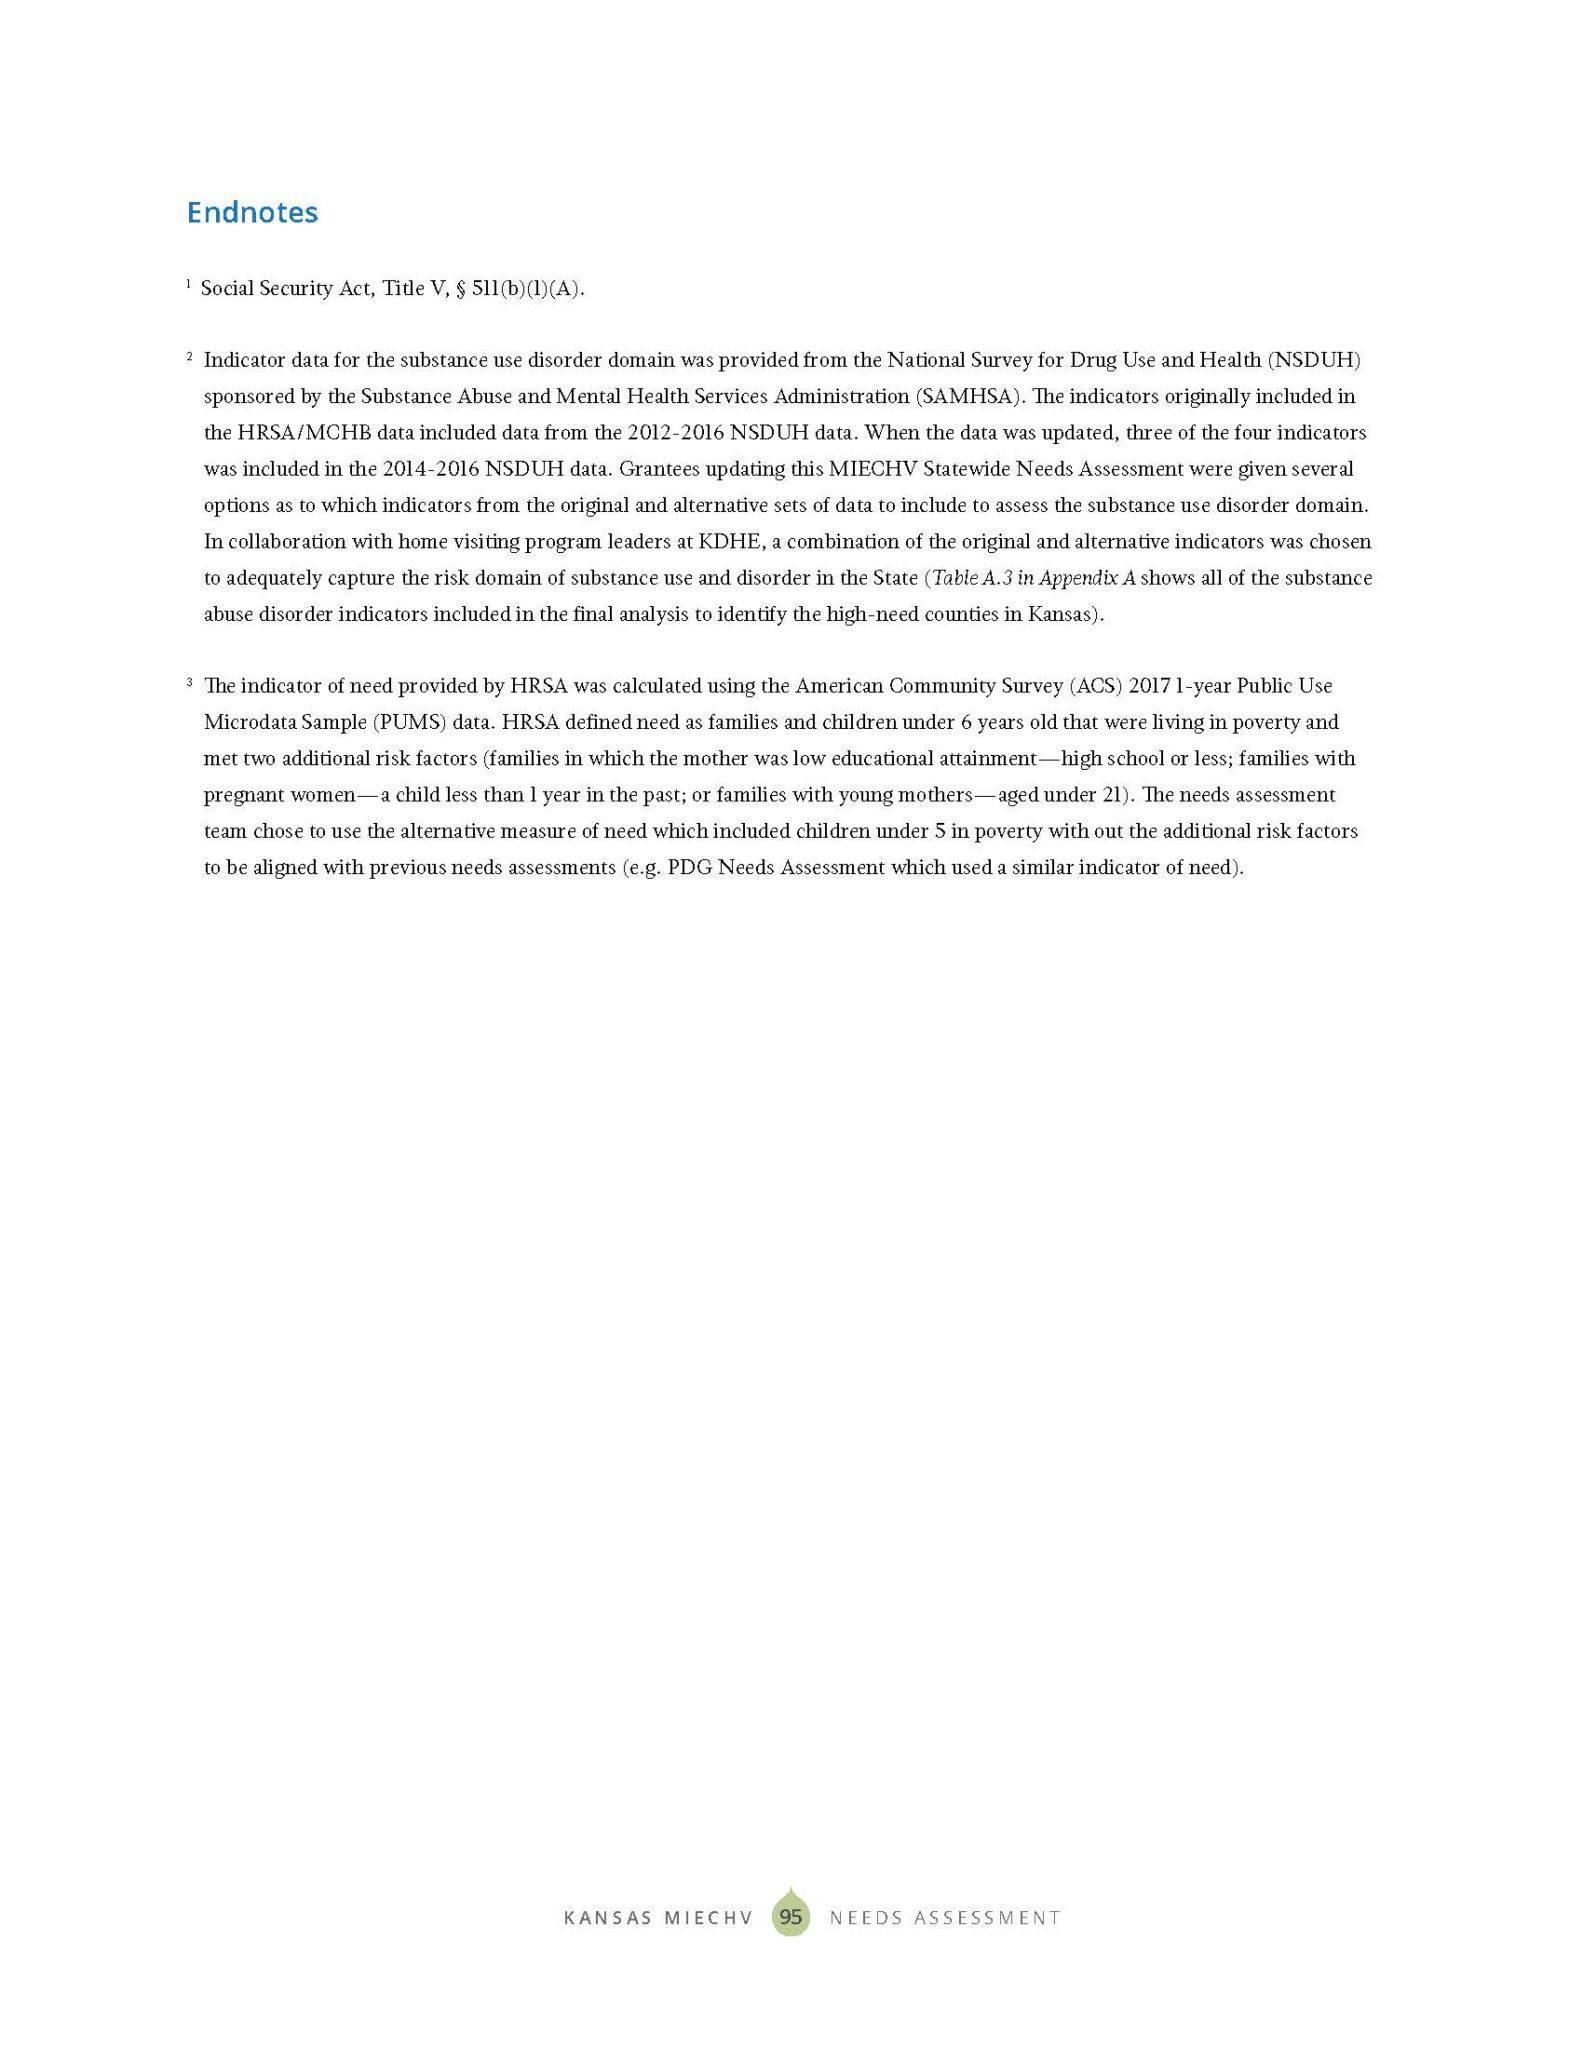 KS MIECHV 2020 Needs Assessment_DIGITAL_Page_103